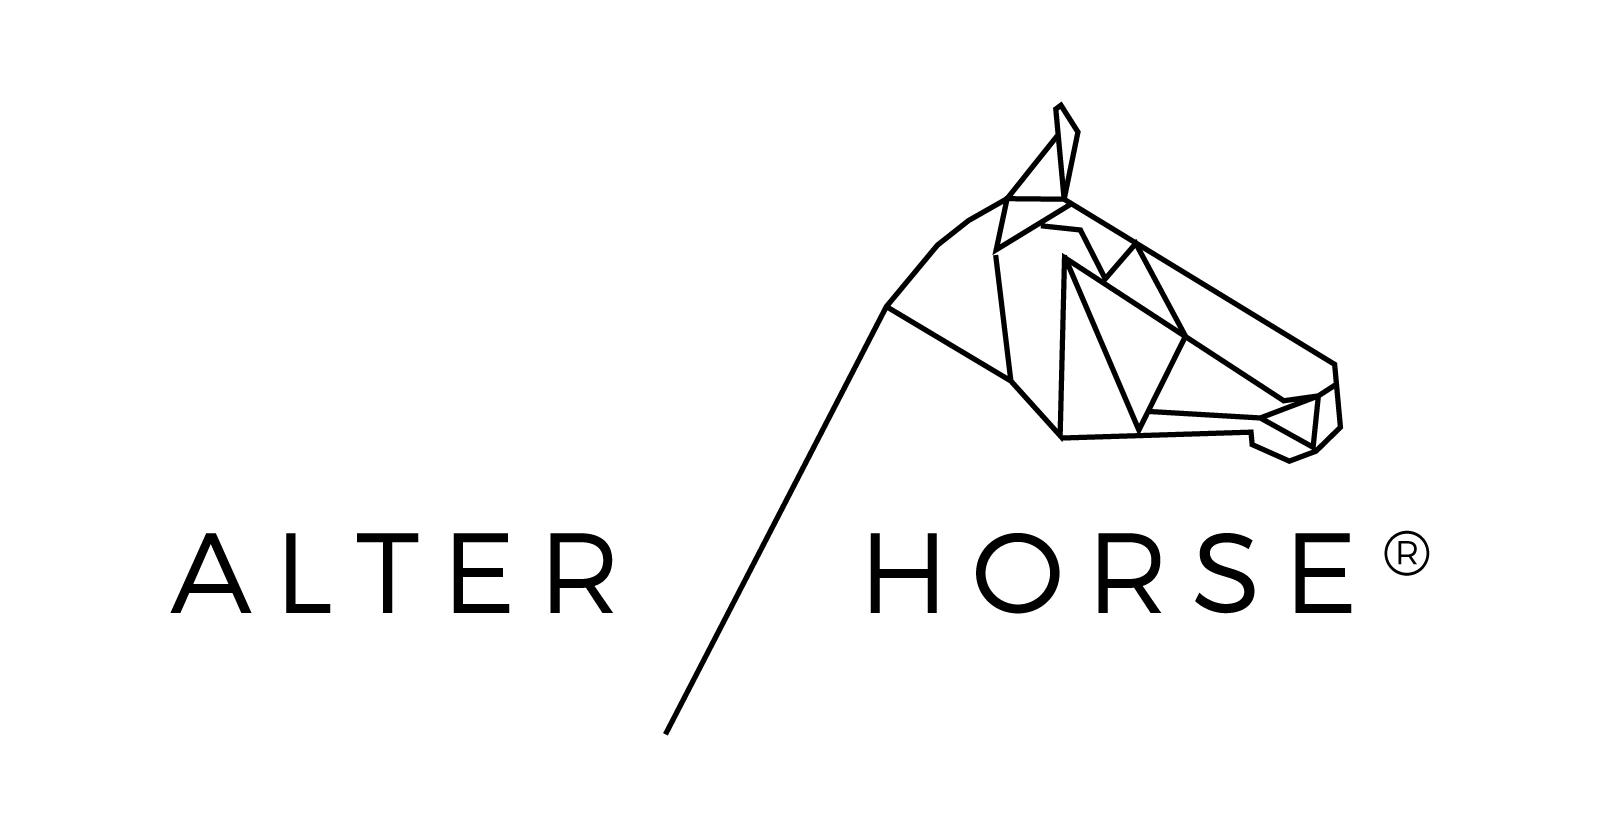 Le logo Alter Horse